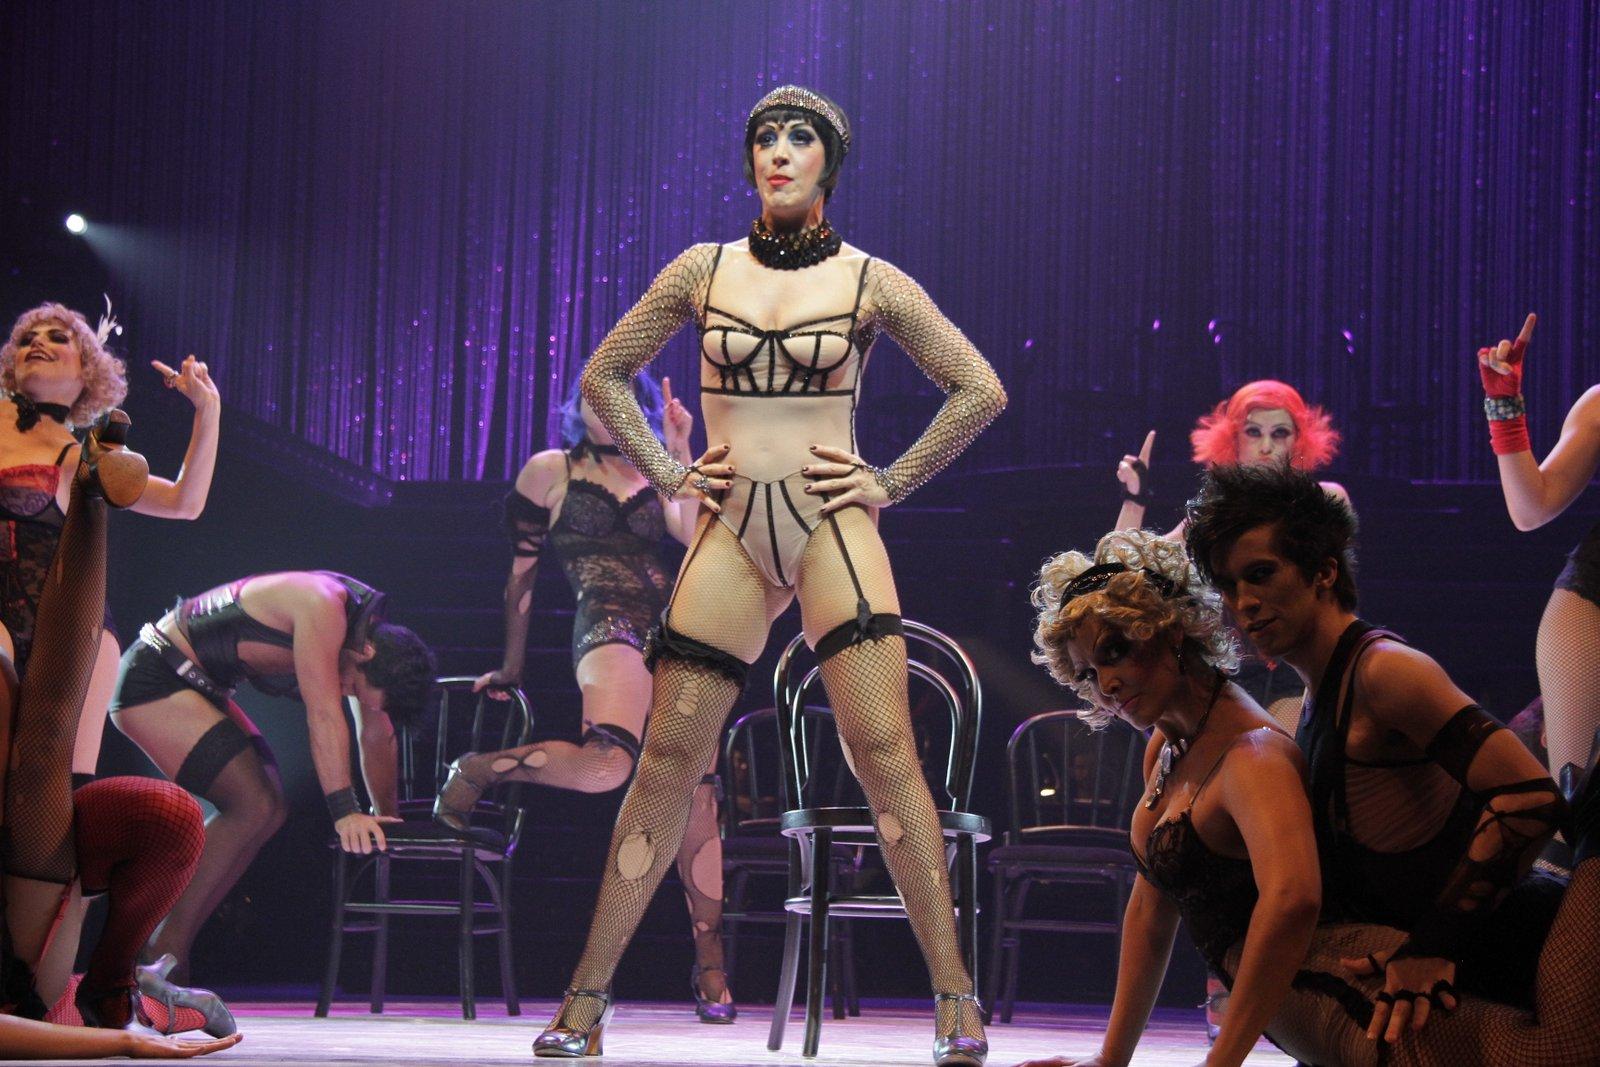 Claudia Raia apresentou alguns trechos do musical 'Cabaret', no Rio, nesta segunda-feira, 26